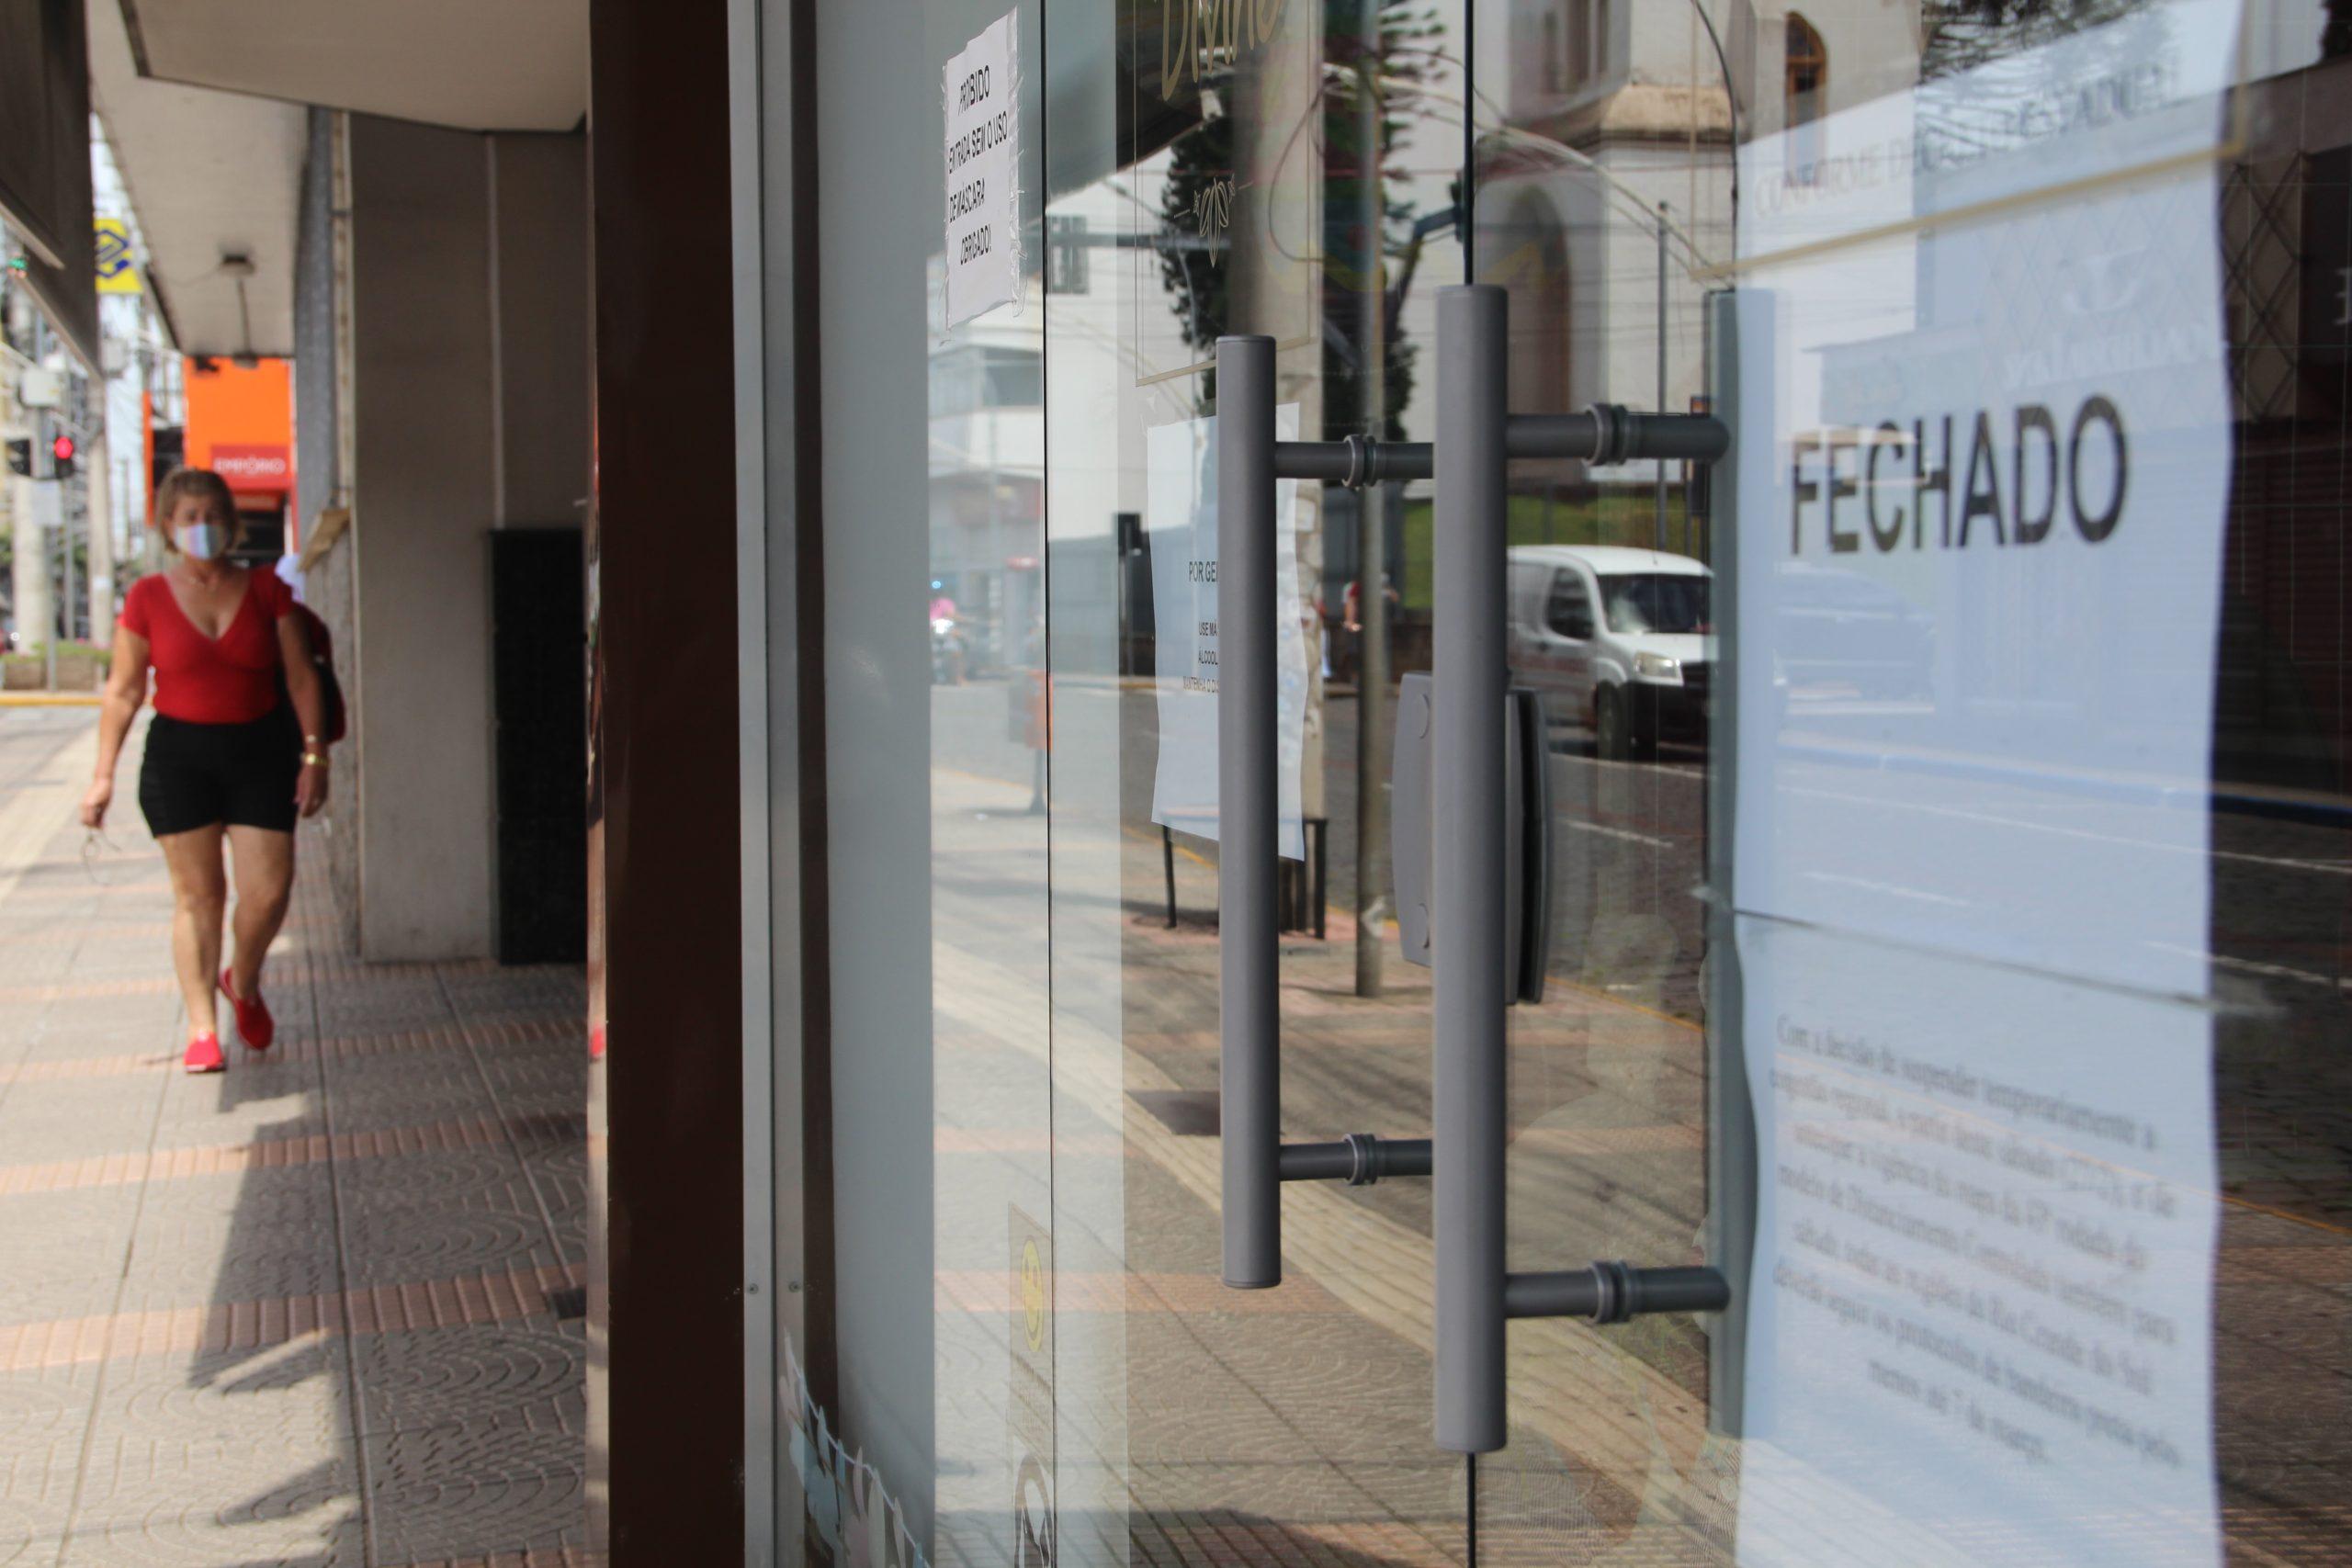 Líderes empresariais sugerem flexibilização e proposta será encaminhada ao Estado